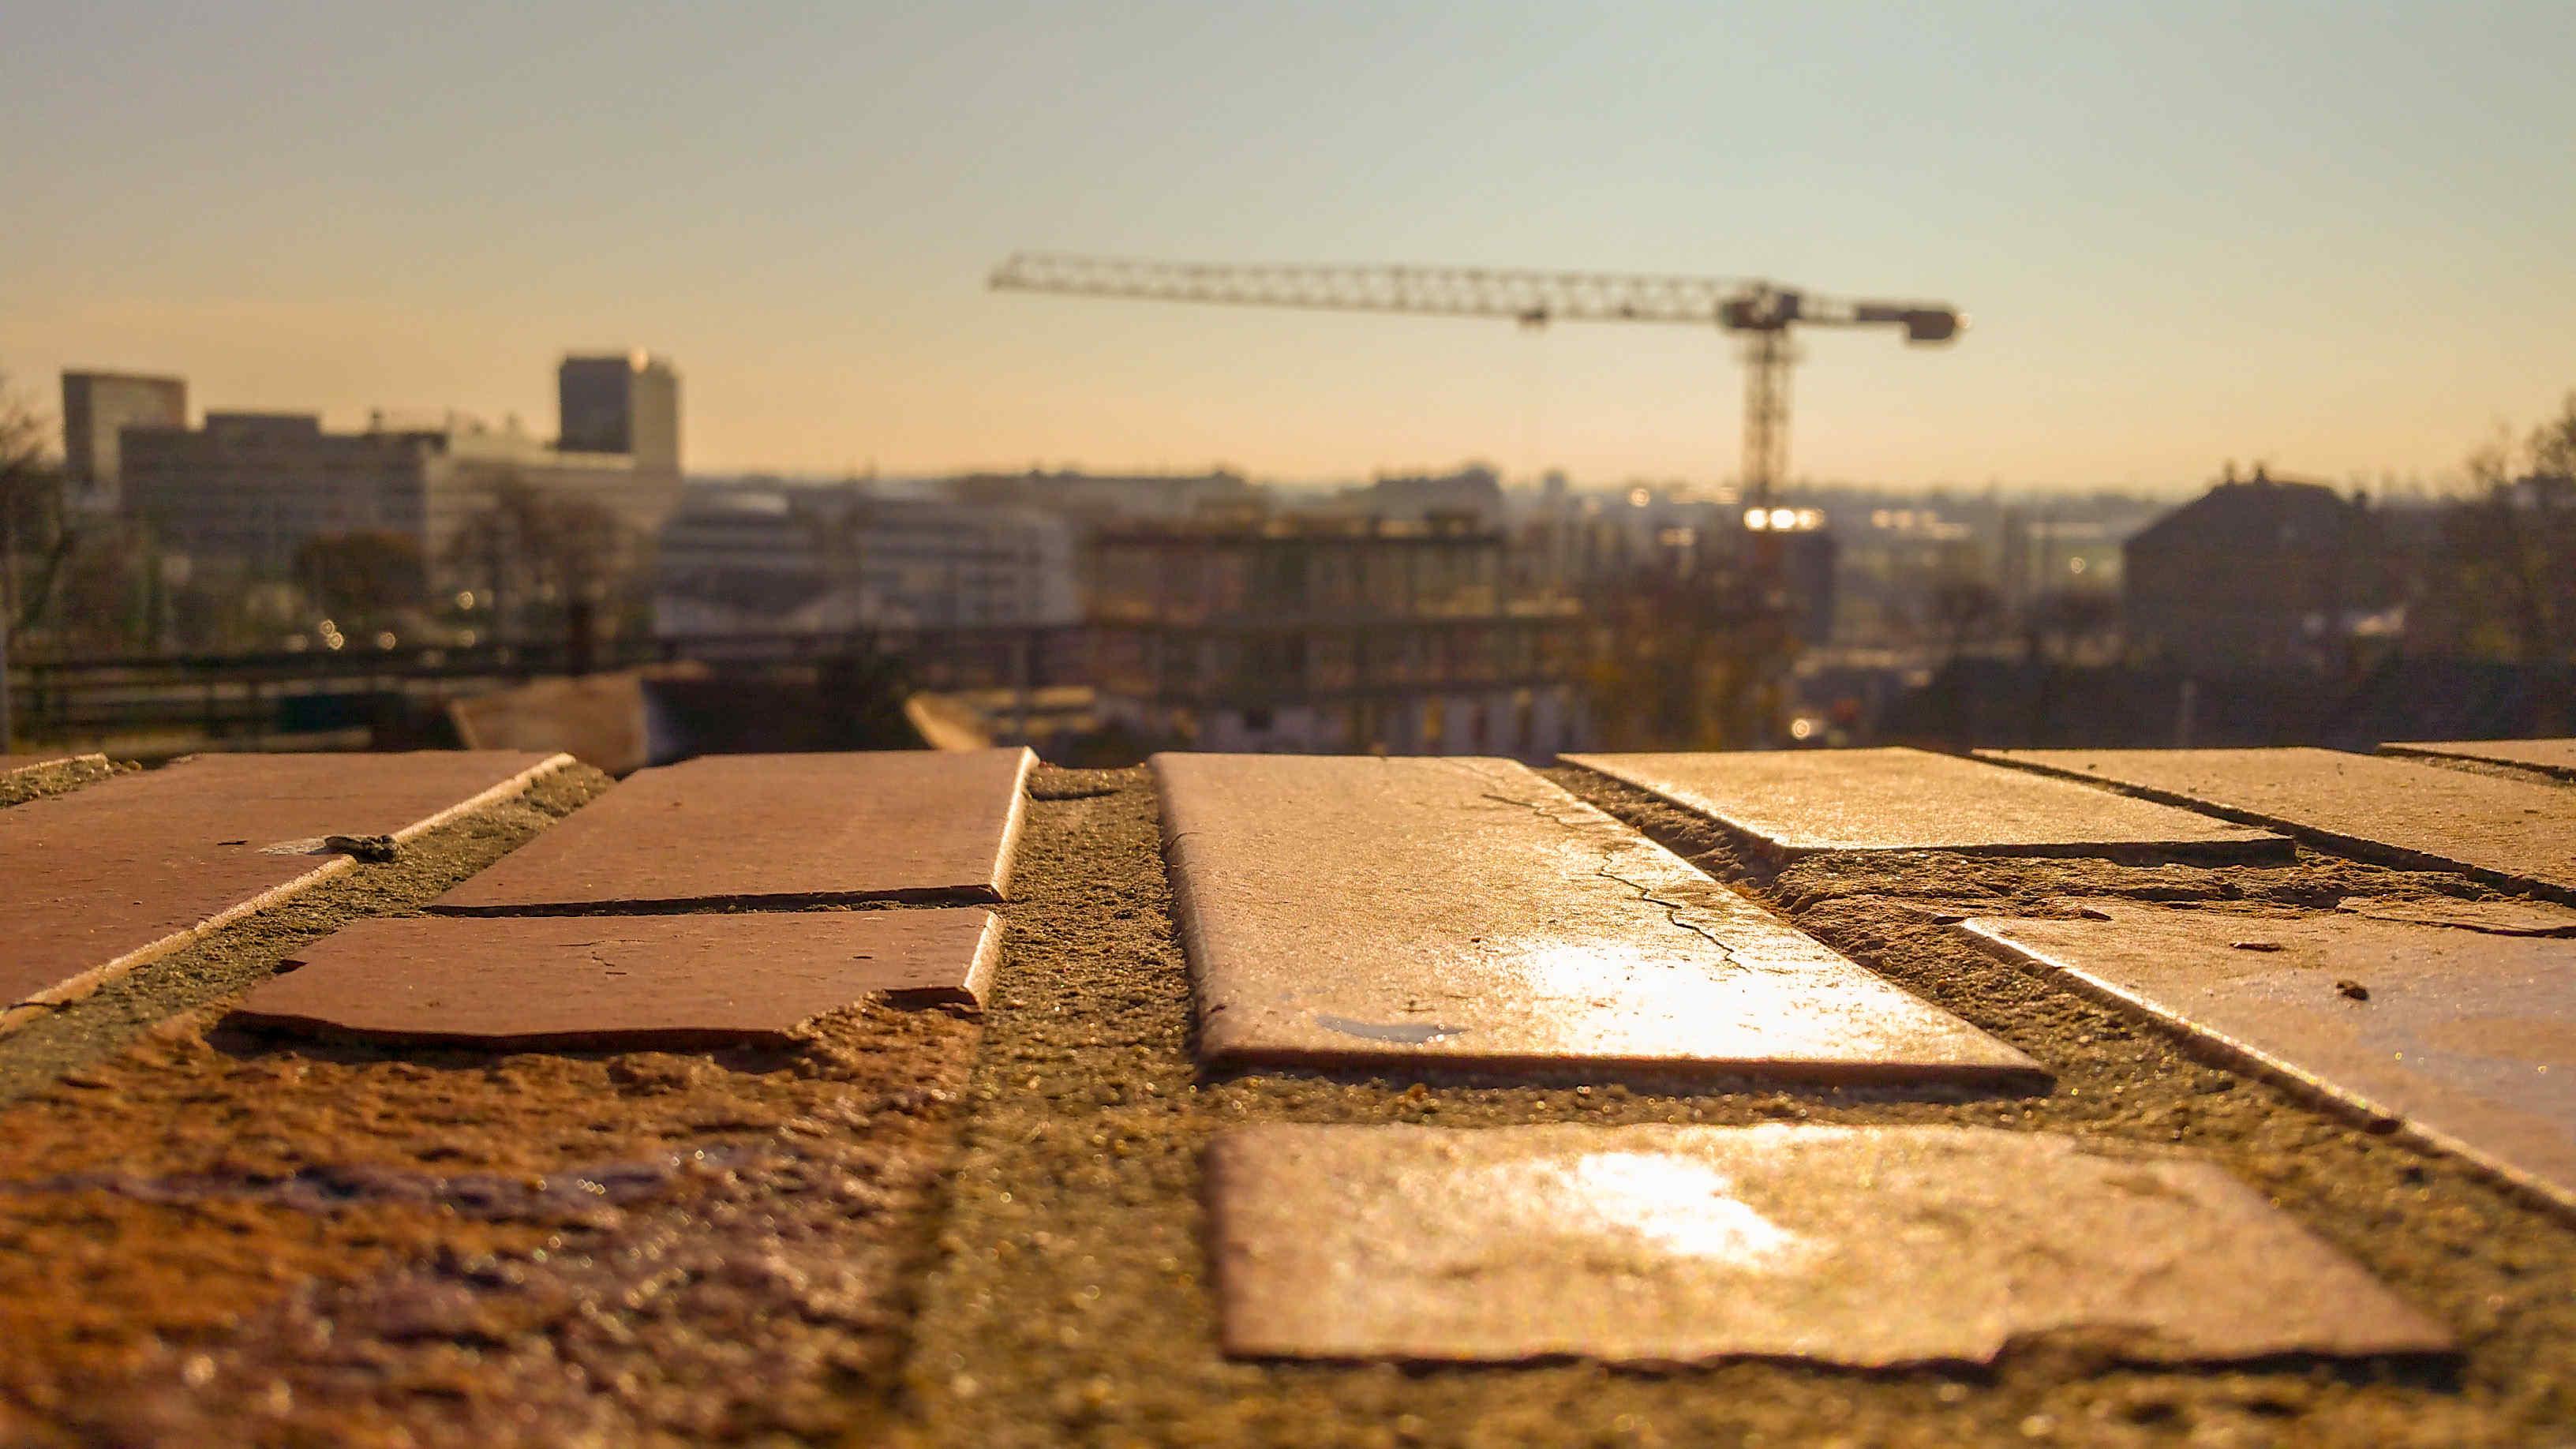 Ranní pohled na stávající brněnské nádraží.